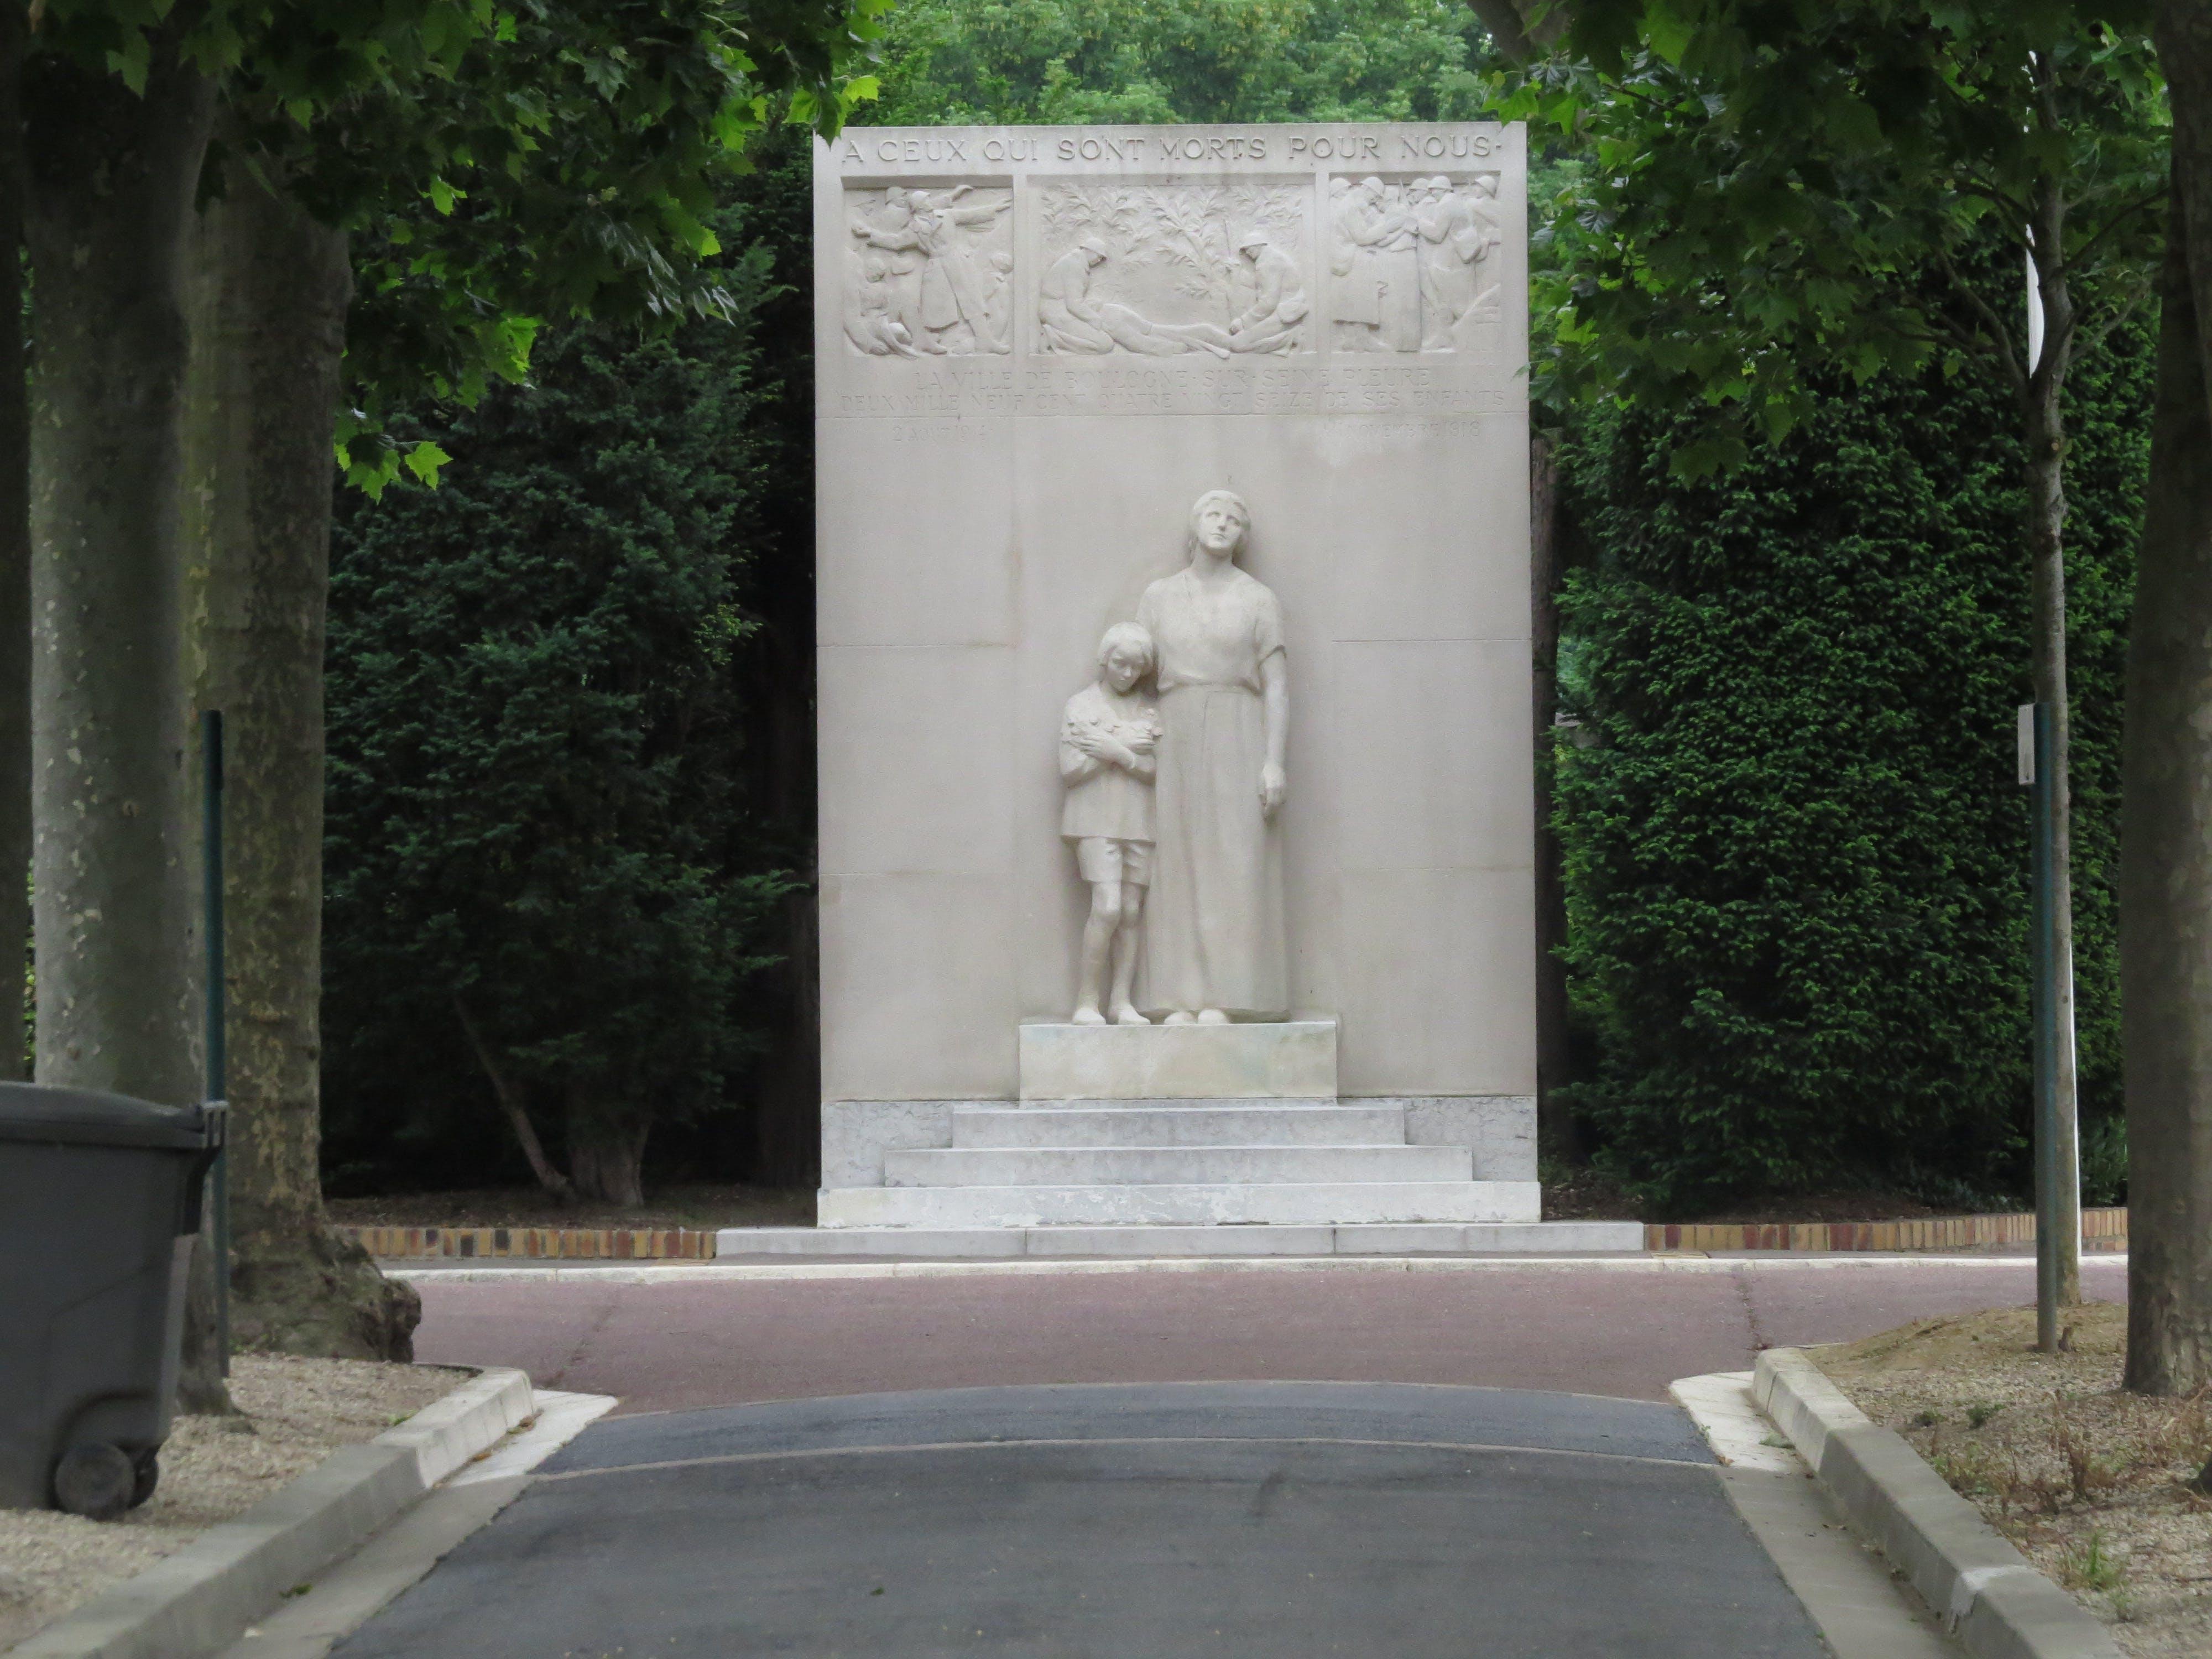 cimetière de boulogne billancourt